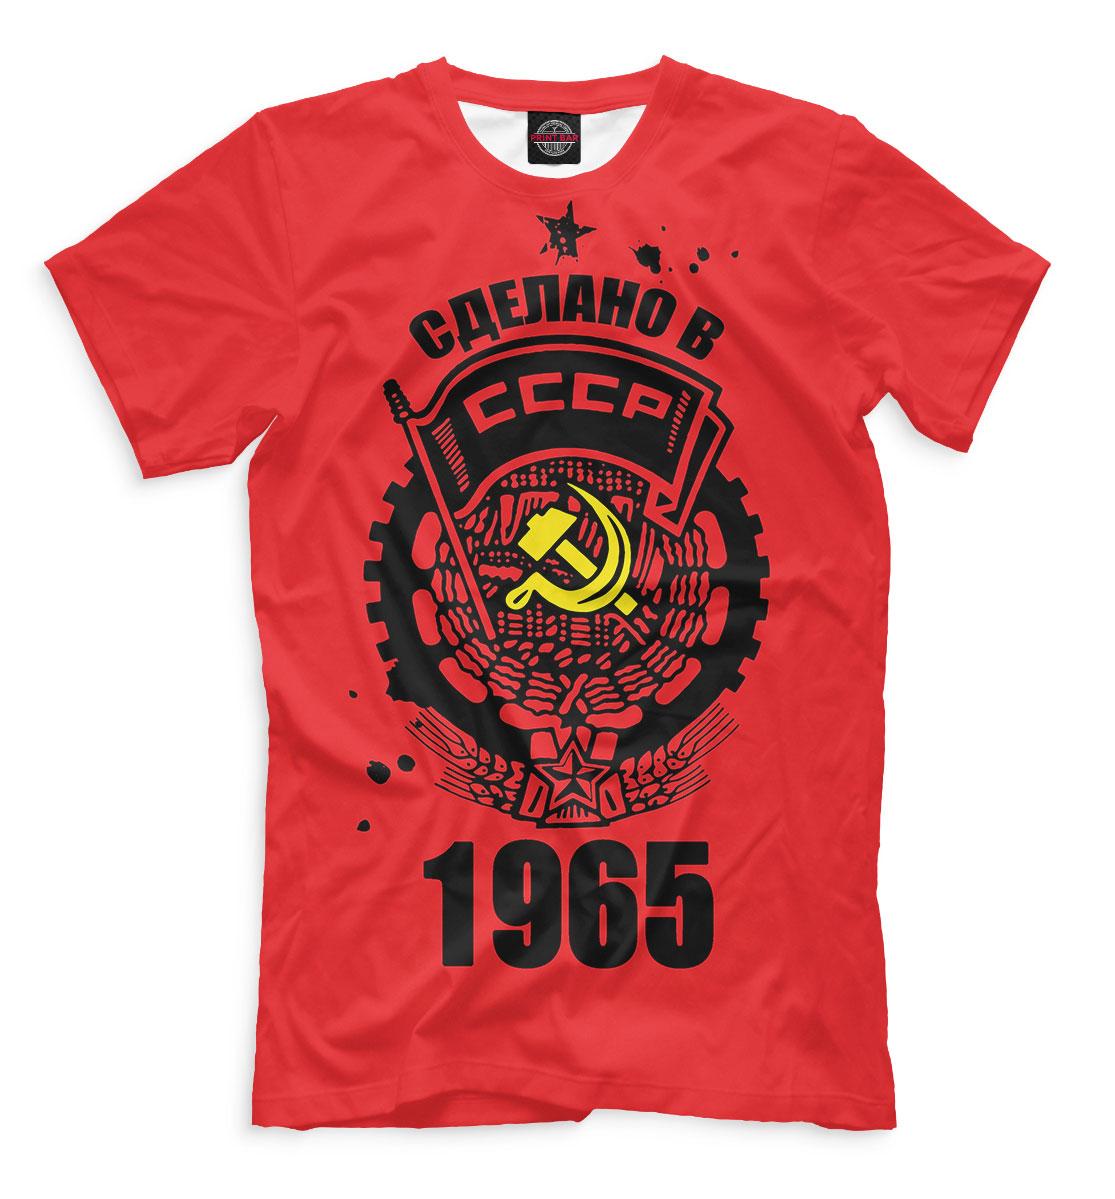 Купить Сделано в СССР — 1965, Printbar, Футболки, DHP-547912-fut-2